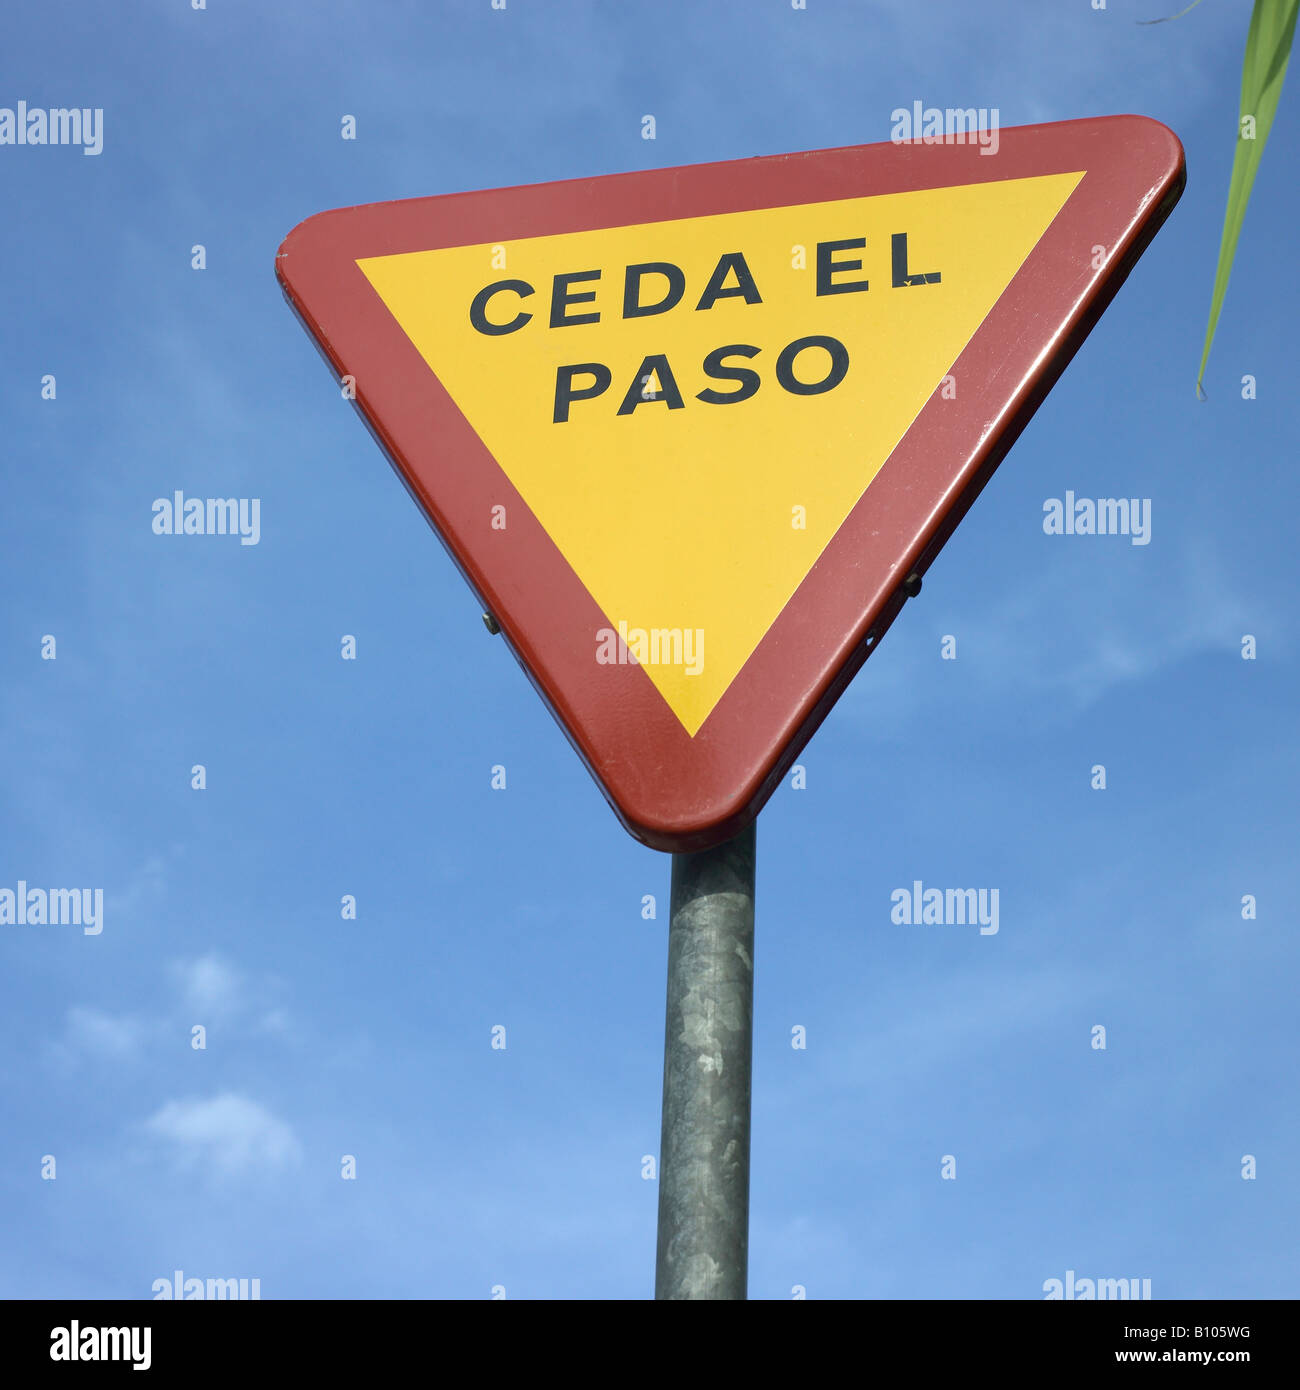 Rendite-Zeichen in spanischer Sprache Stockbild